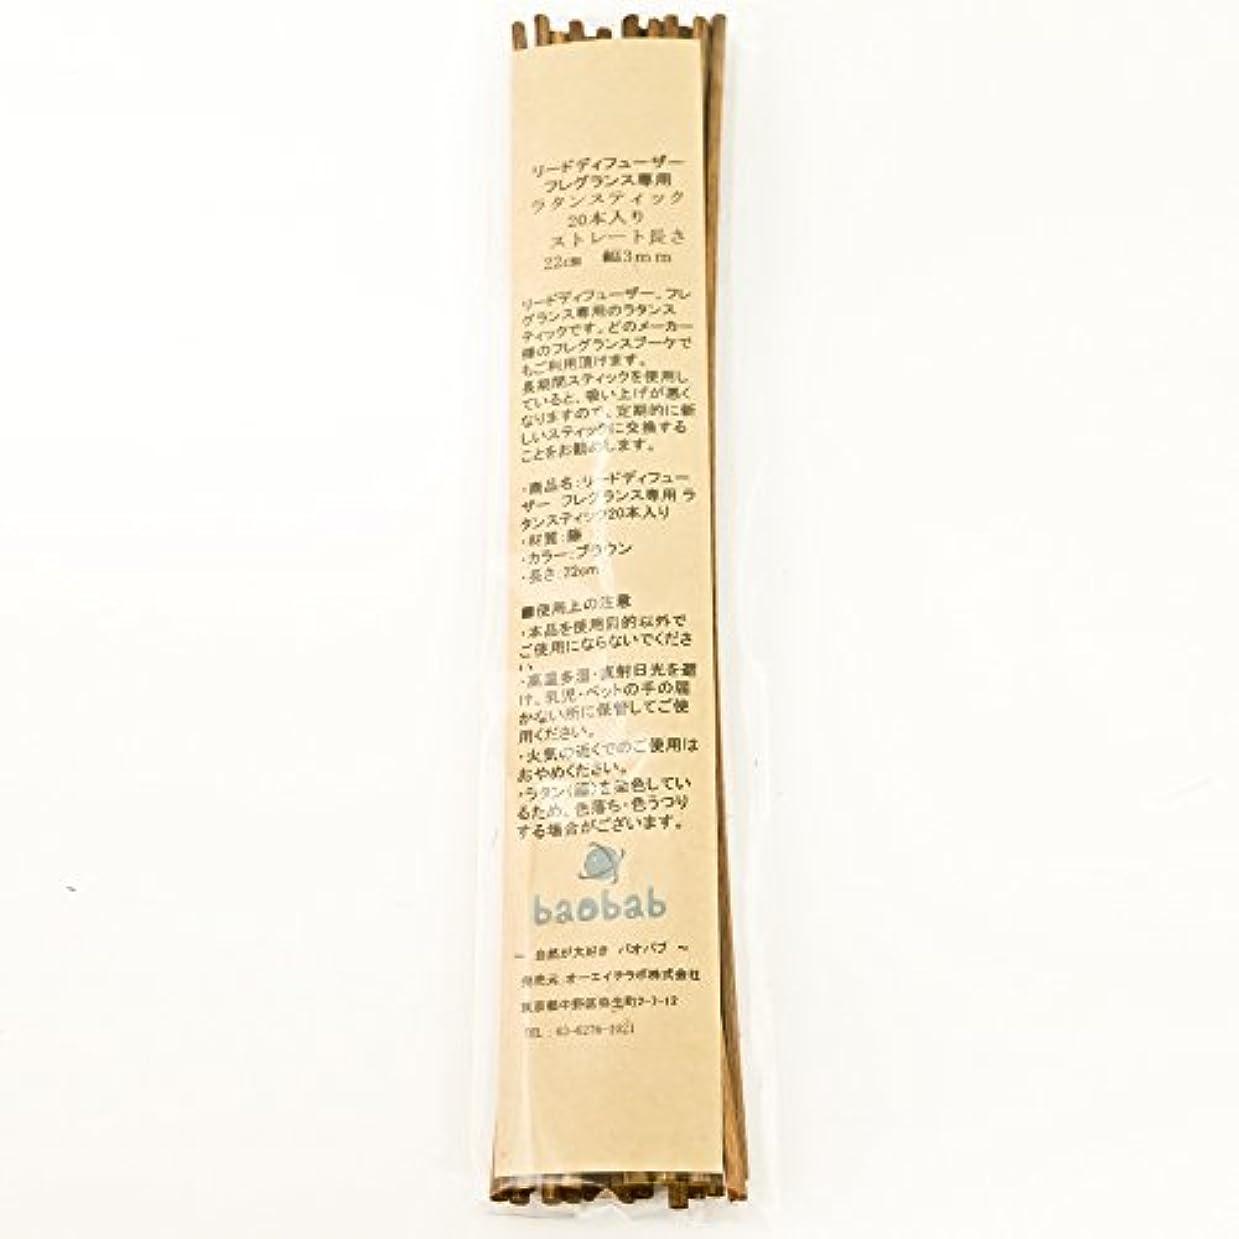 高架容器小川baobab(バオバブ) リードディフューザー用 リードスティック リフィル [ラタン スティック] 22㎝ 20本 全7種類 (ブラウン)